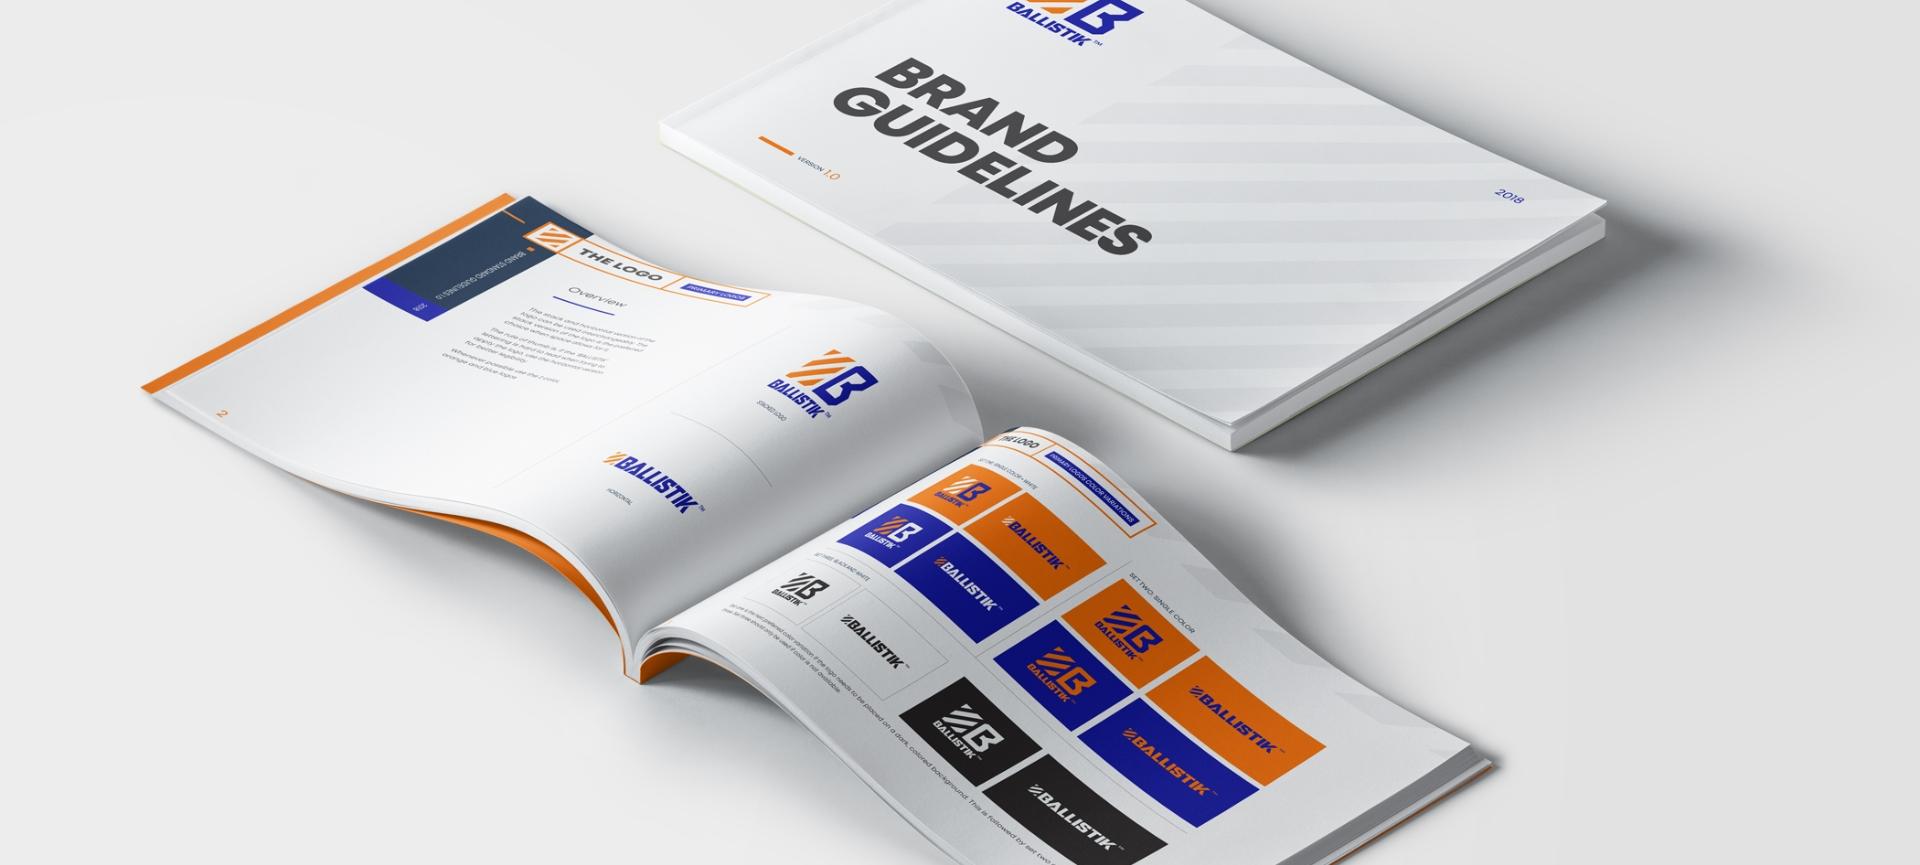 Ballistik brochure